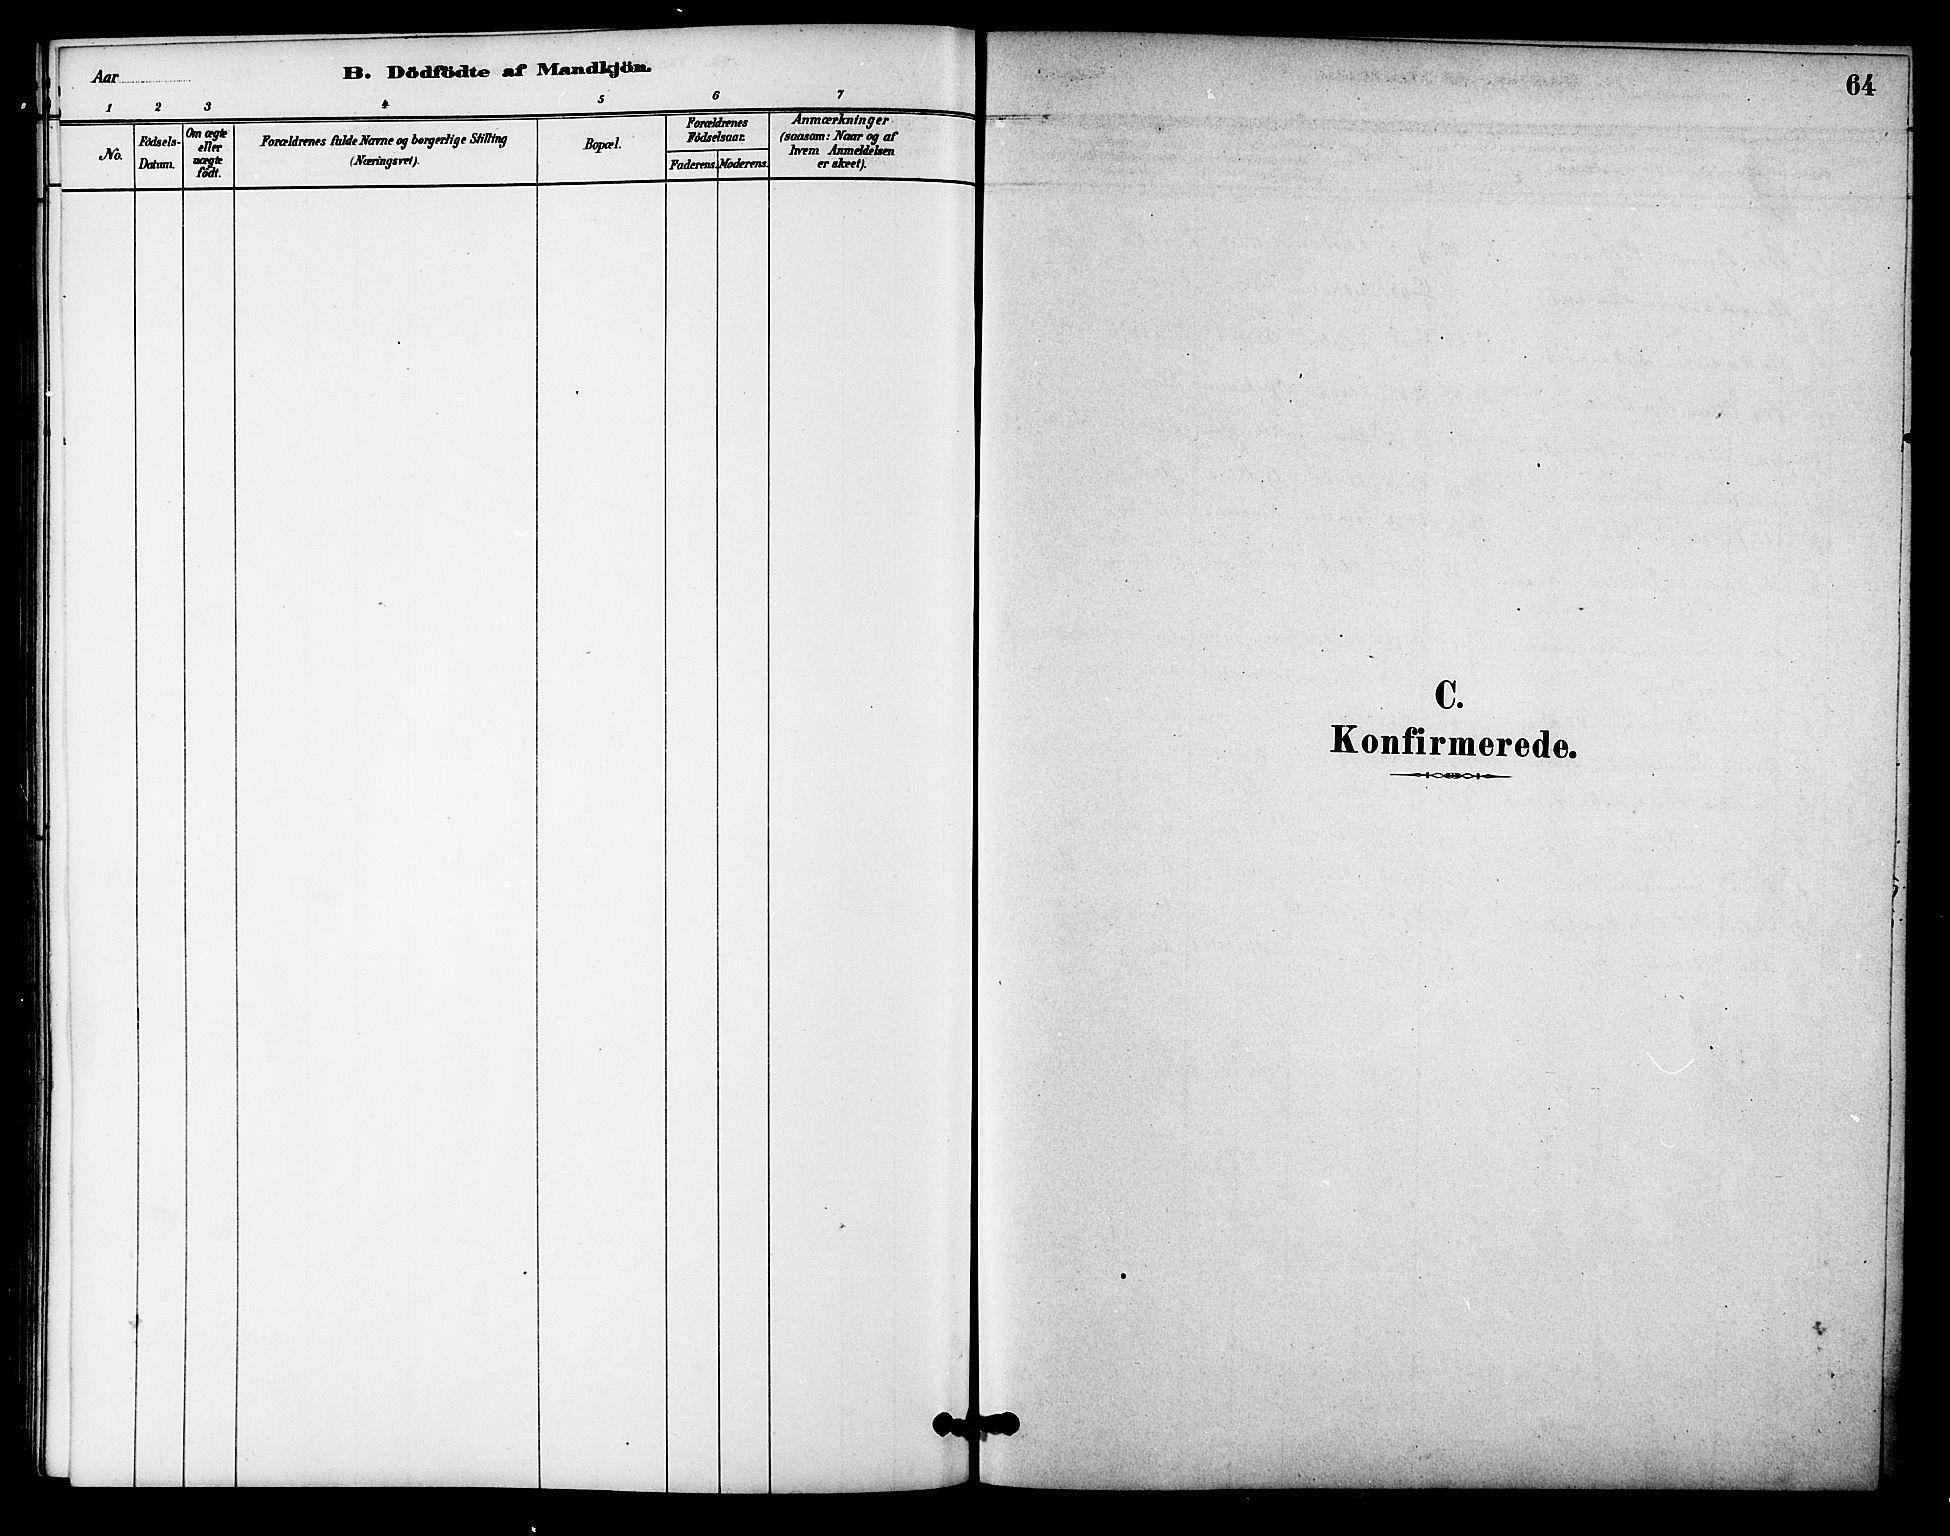 SAT, Ministerialprotokoller, klokkerbøker og fødselsregistre - Sør-Trøndelag, 618/L0444: Ministerialbok nr. 618A07, 1880-1898, s. 64